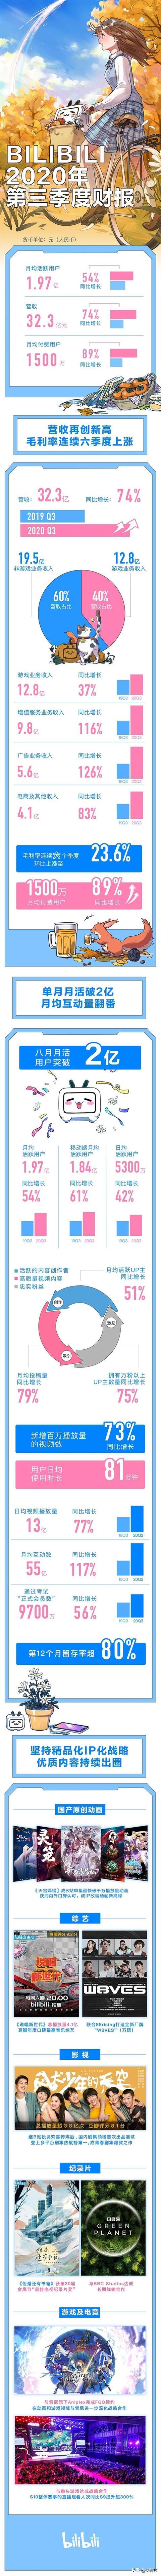 B站发布三季度财报:营收32.3亿元再创新高 同比增长74%